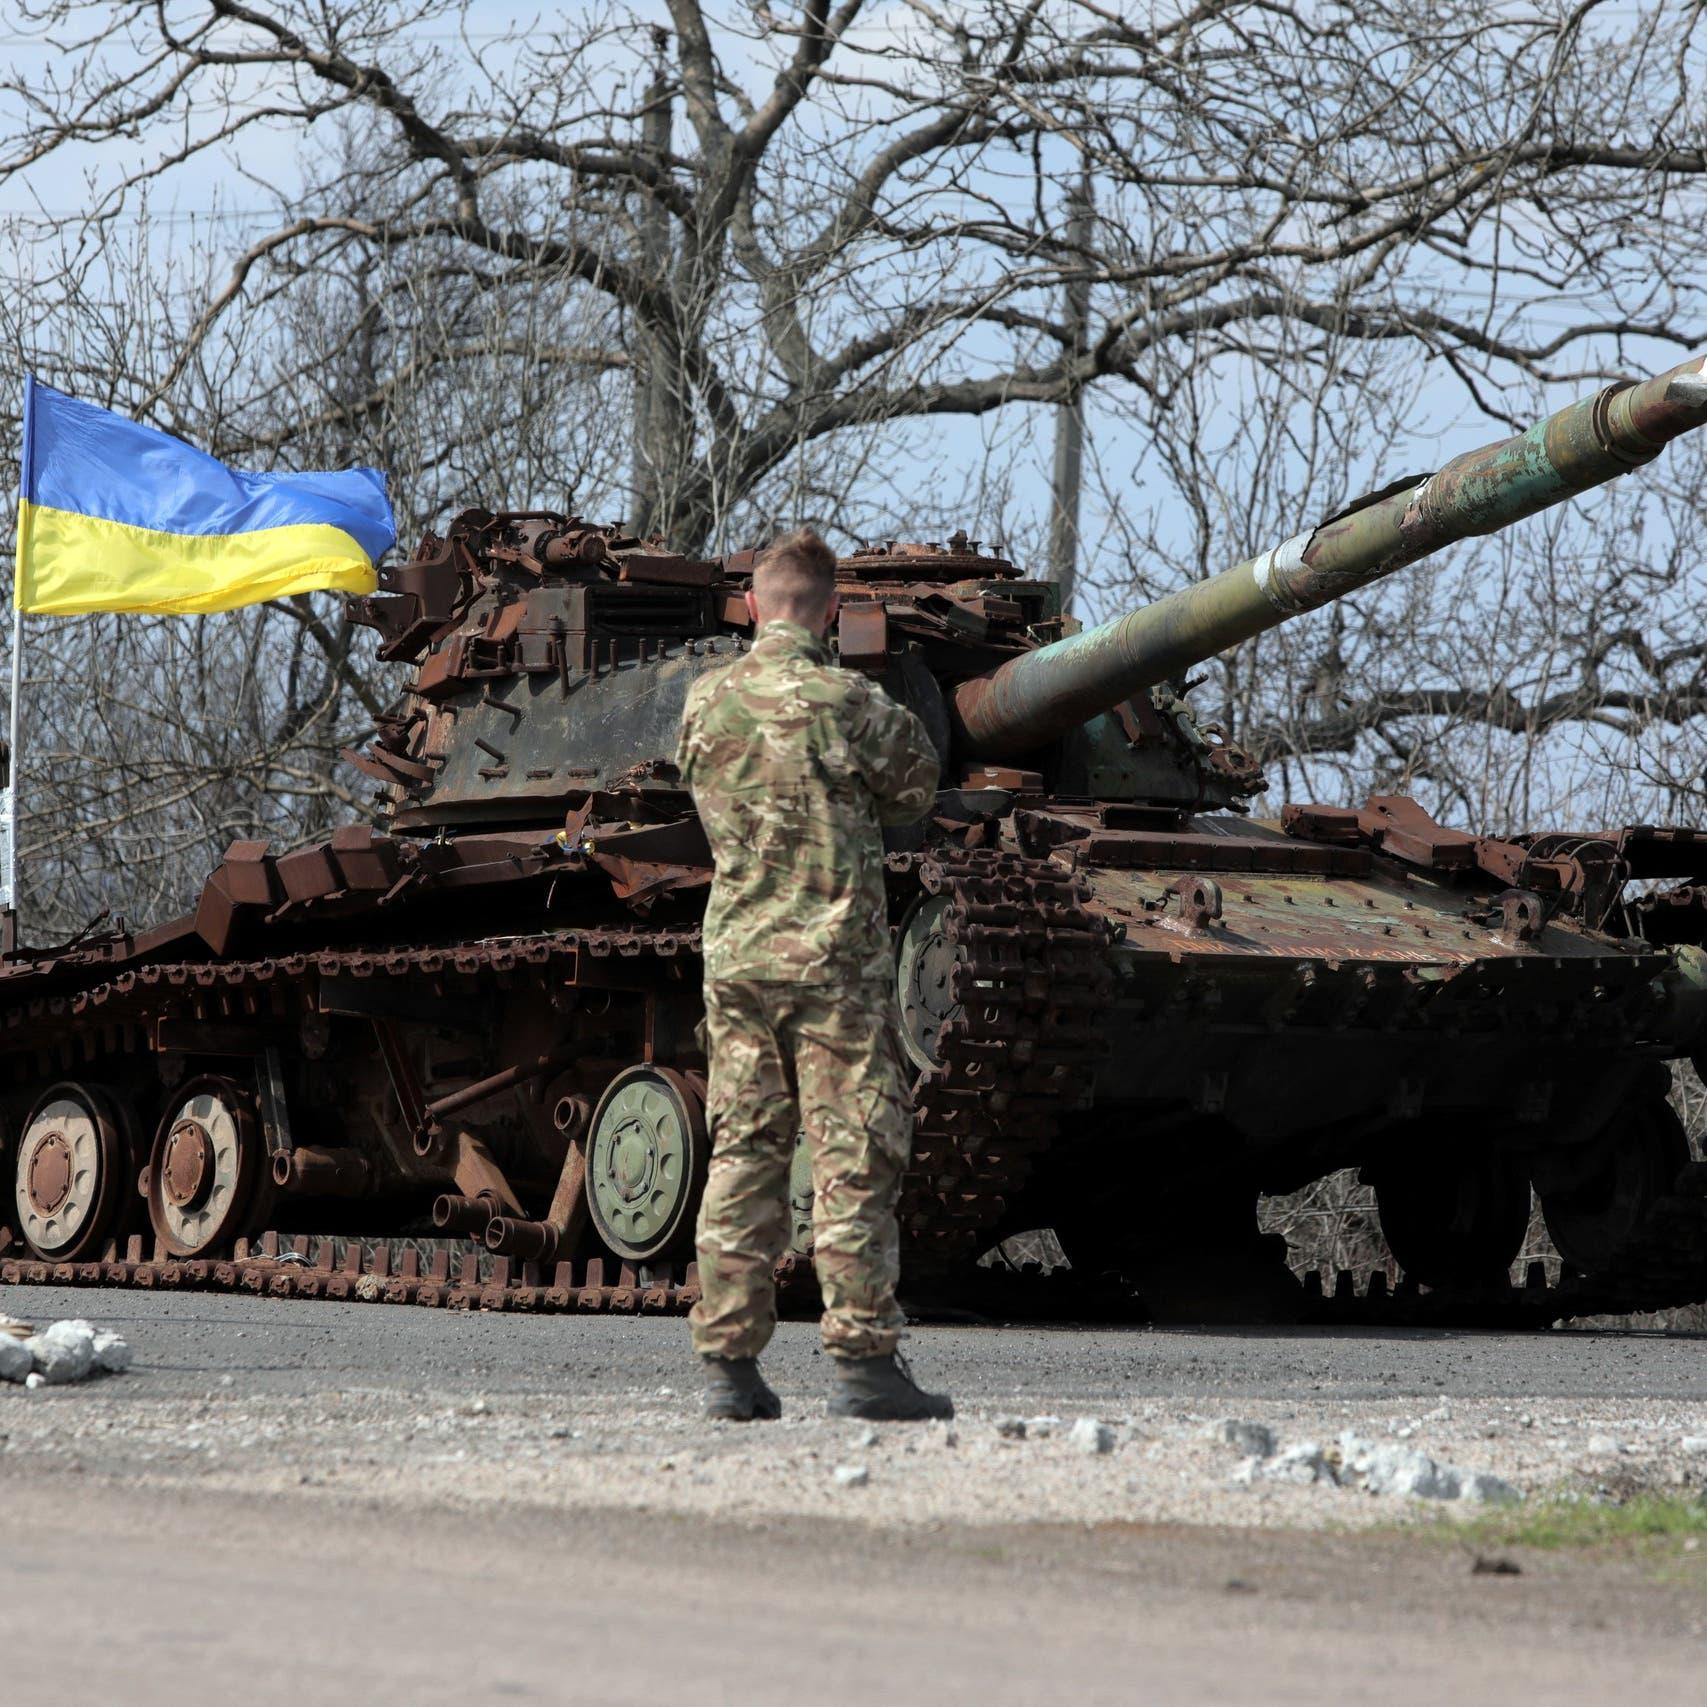 وسط توترات مع روسيا.. أوكرانيا تستدعي قوات الاحتياط